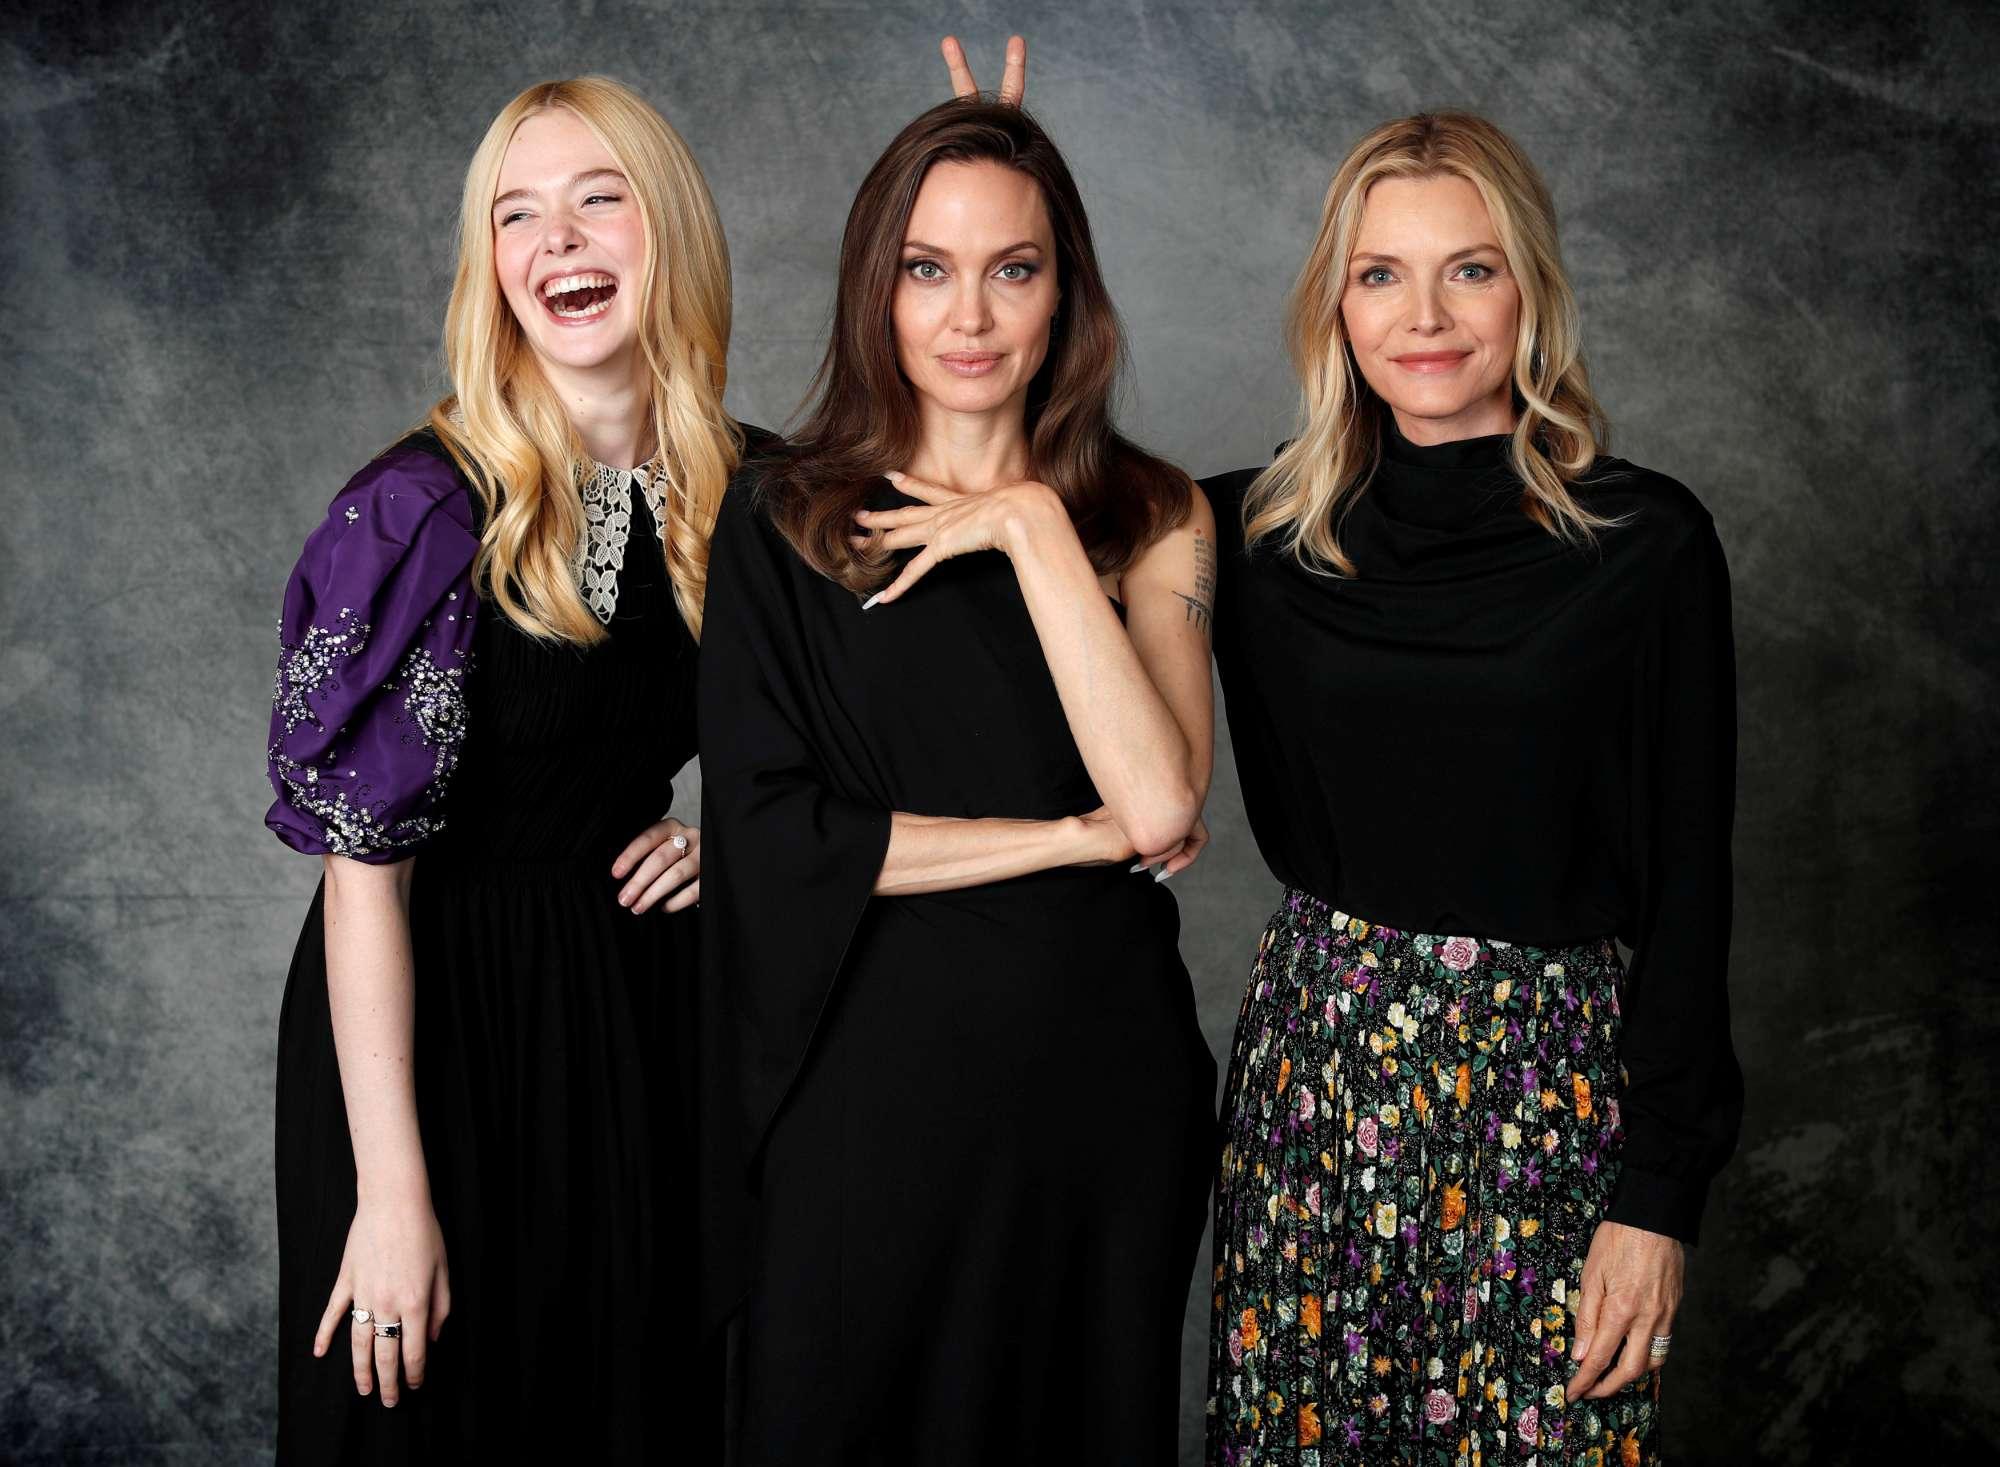 Ελ Φάνινγκ, Αντζελίνα Τζολί, Μισέλ Φάιφερ: οι κυρίες του Χόλιγουντ φορούν μαύρα και αστεΐζονται με «κερατάκια» επειδή λανσάρουν το καινούργιο τους φιλμ που σχετίζεται με το Κακό («Maleficent: Mistress of Evil»)